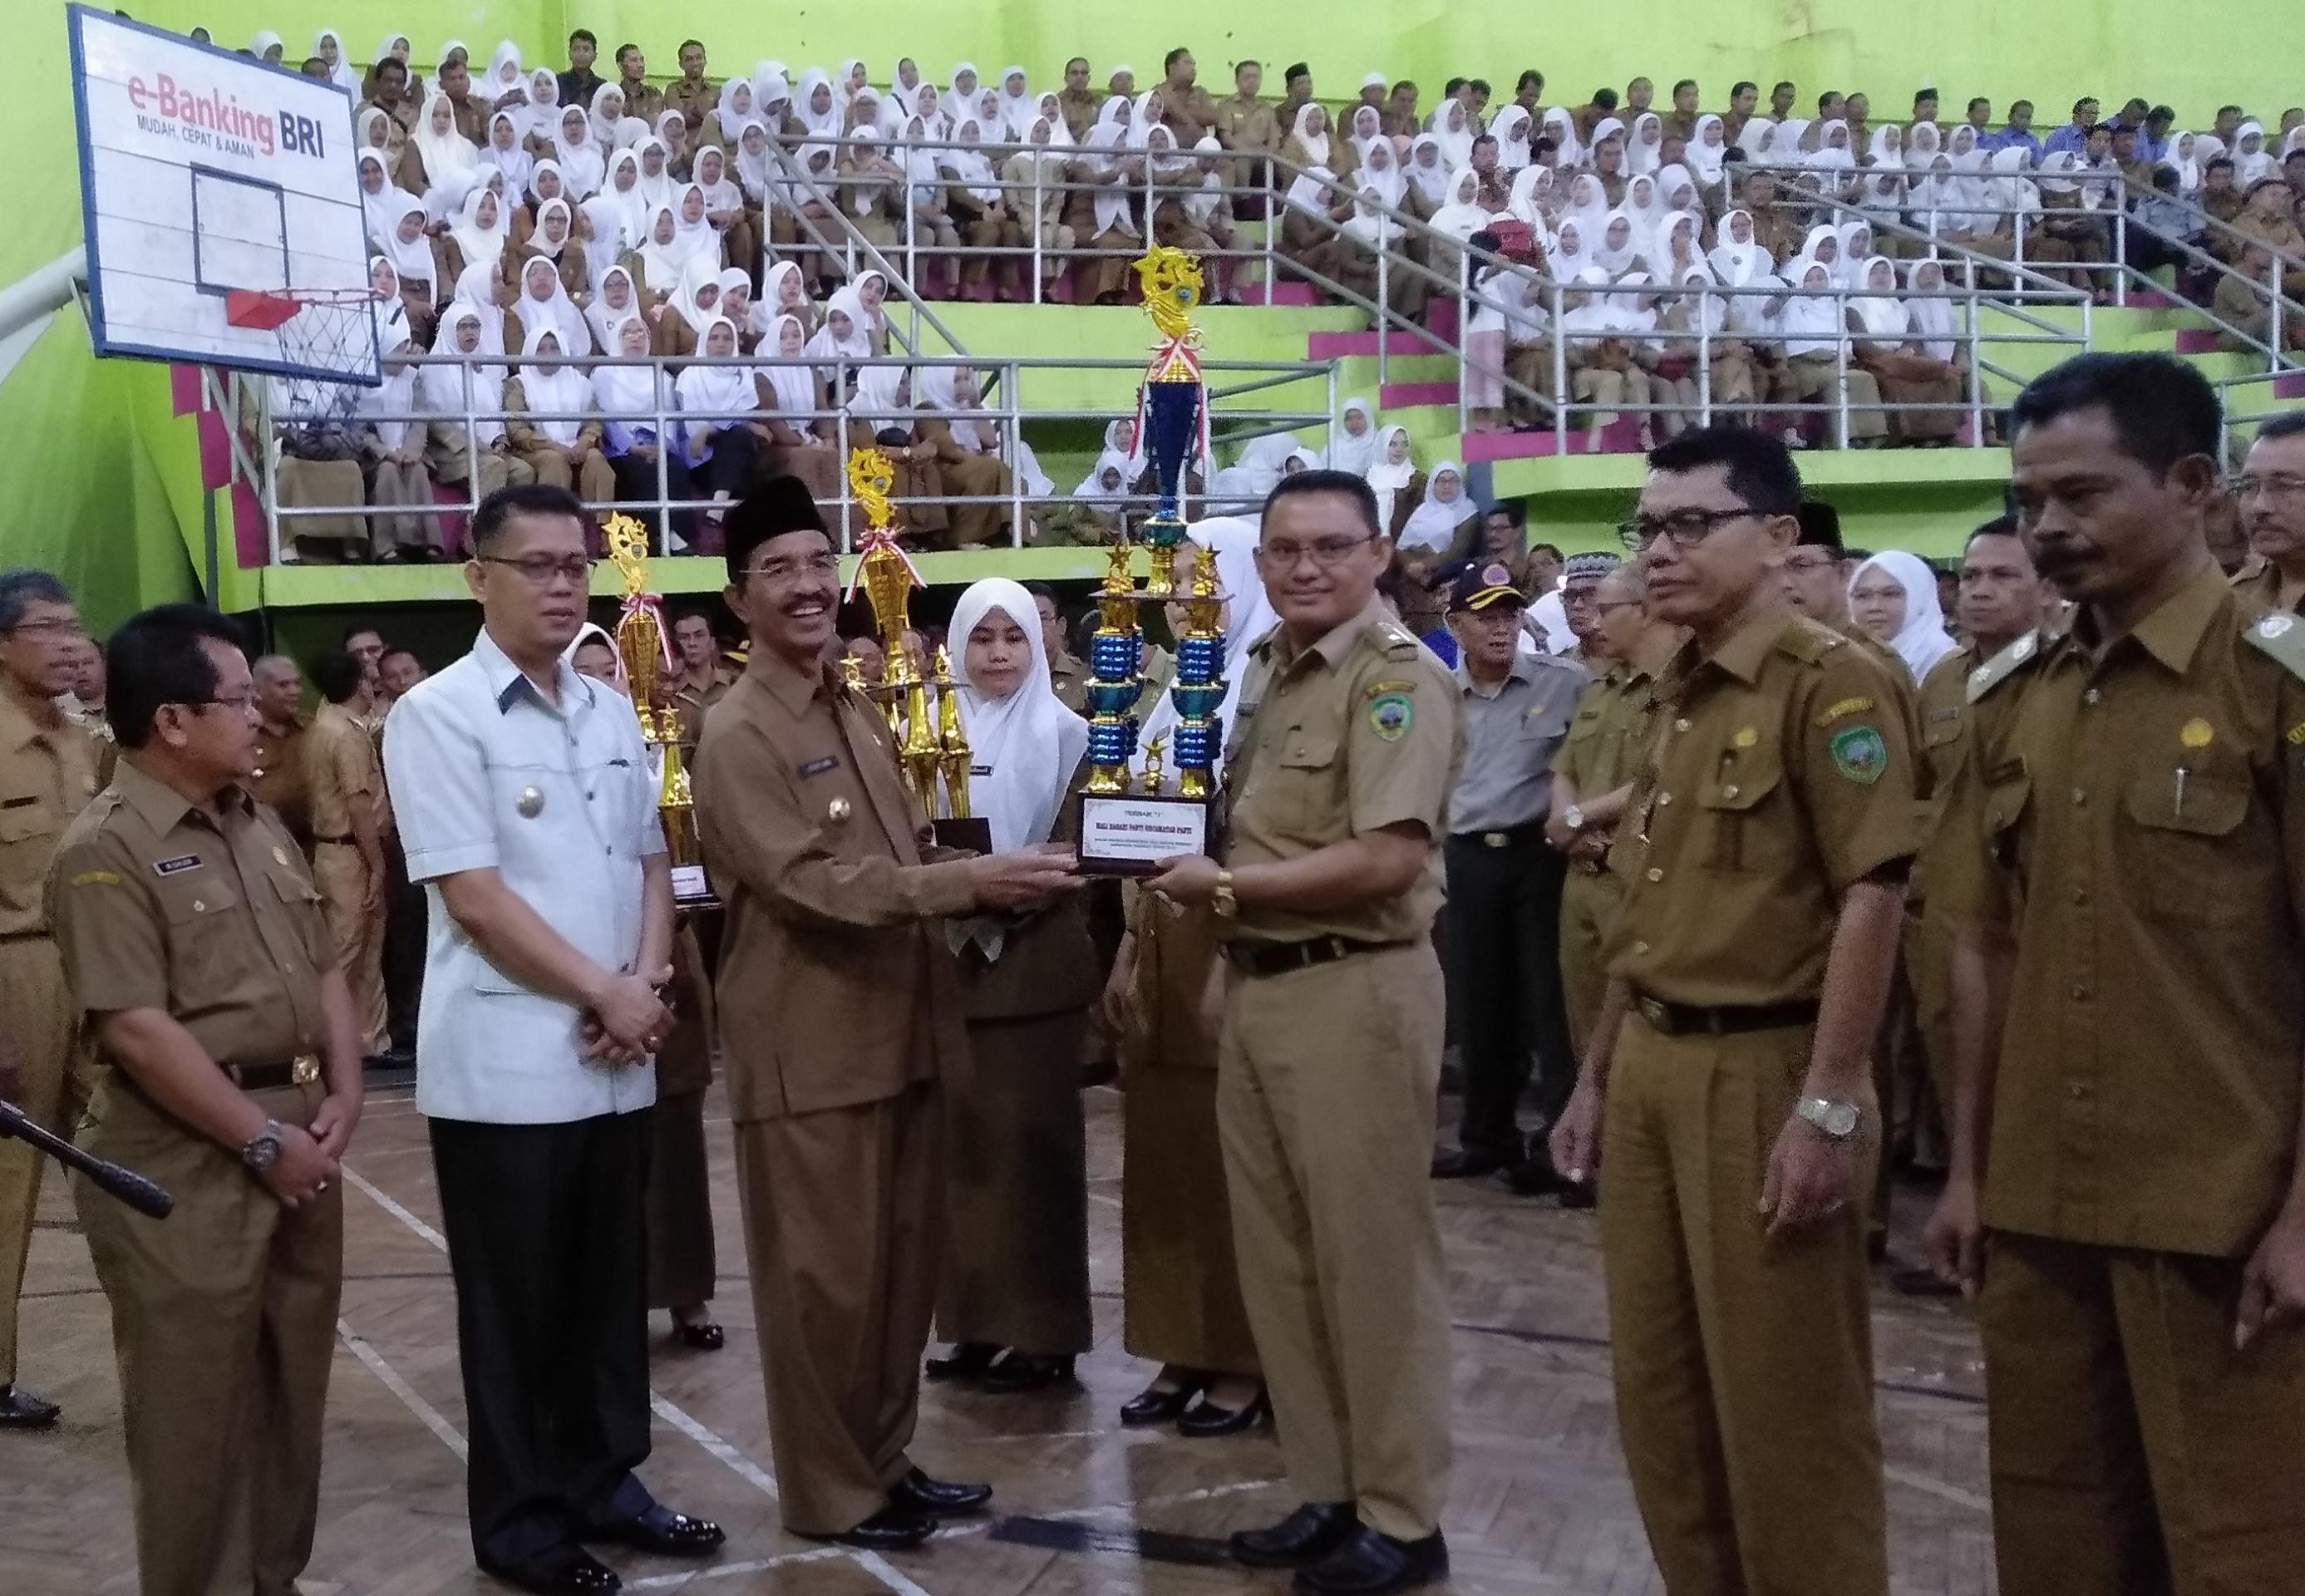 Tiga Wali Terbaik di Pasaman saat menerima piala penghargaan.